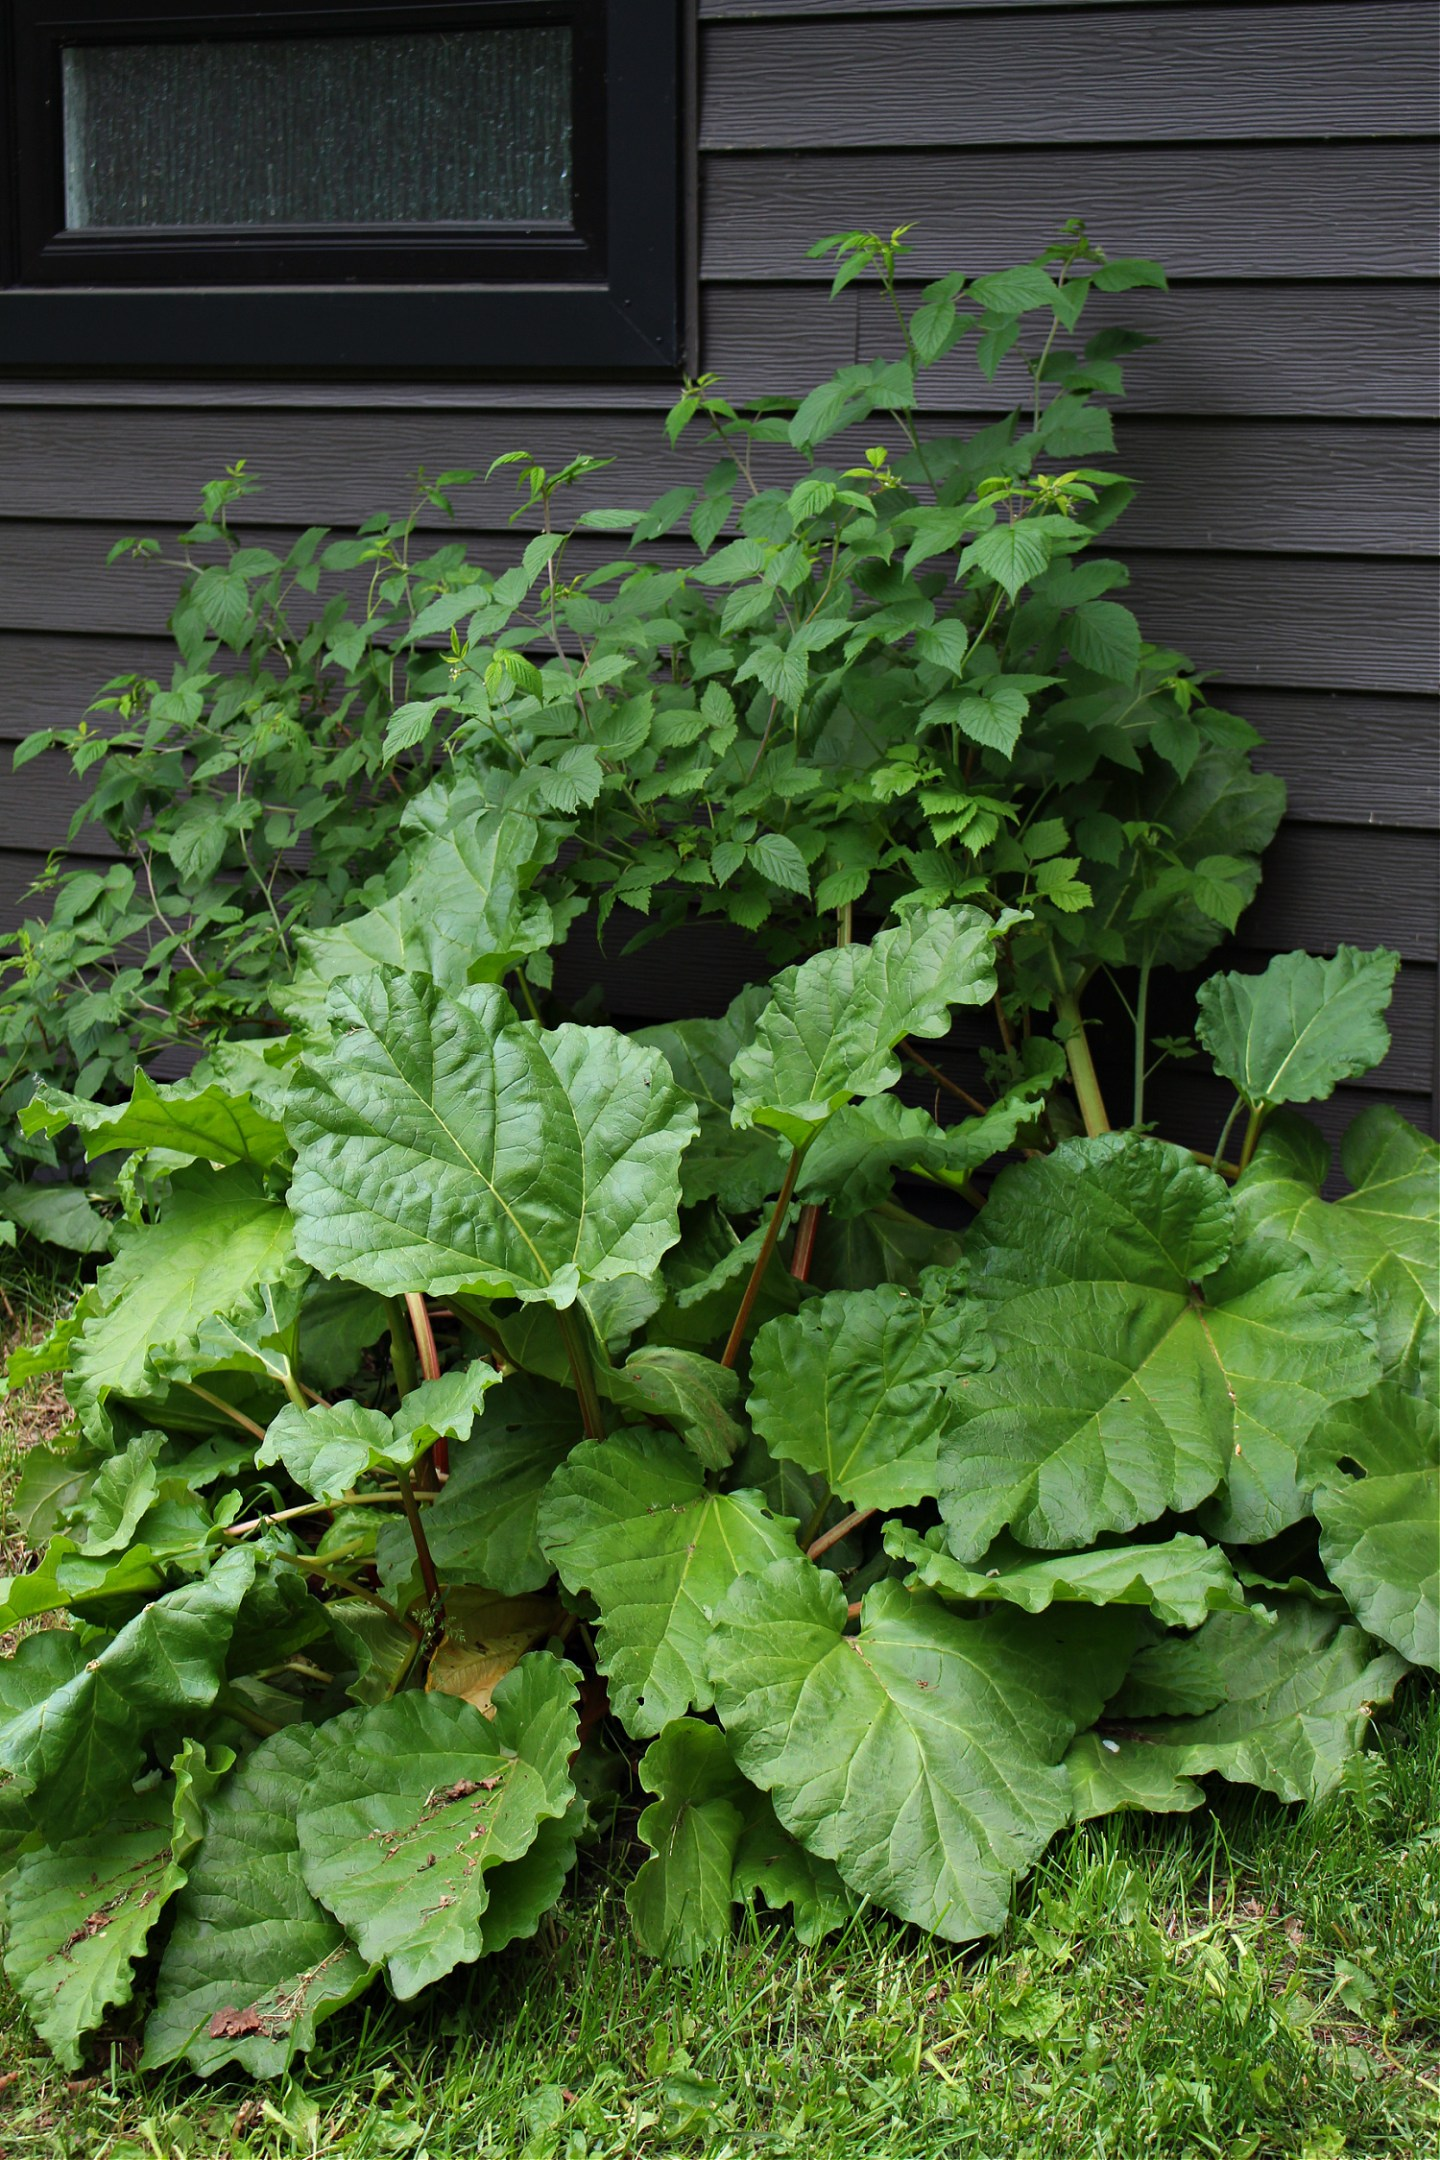 Big Rhubarb Patch